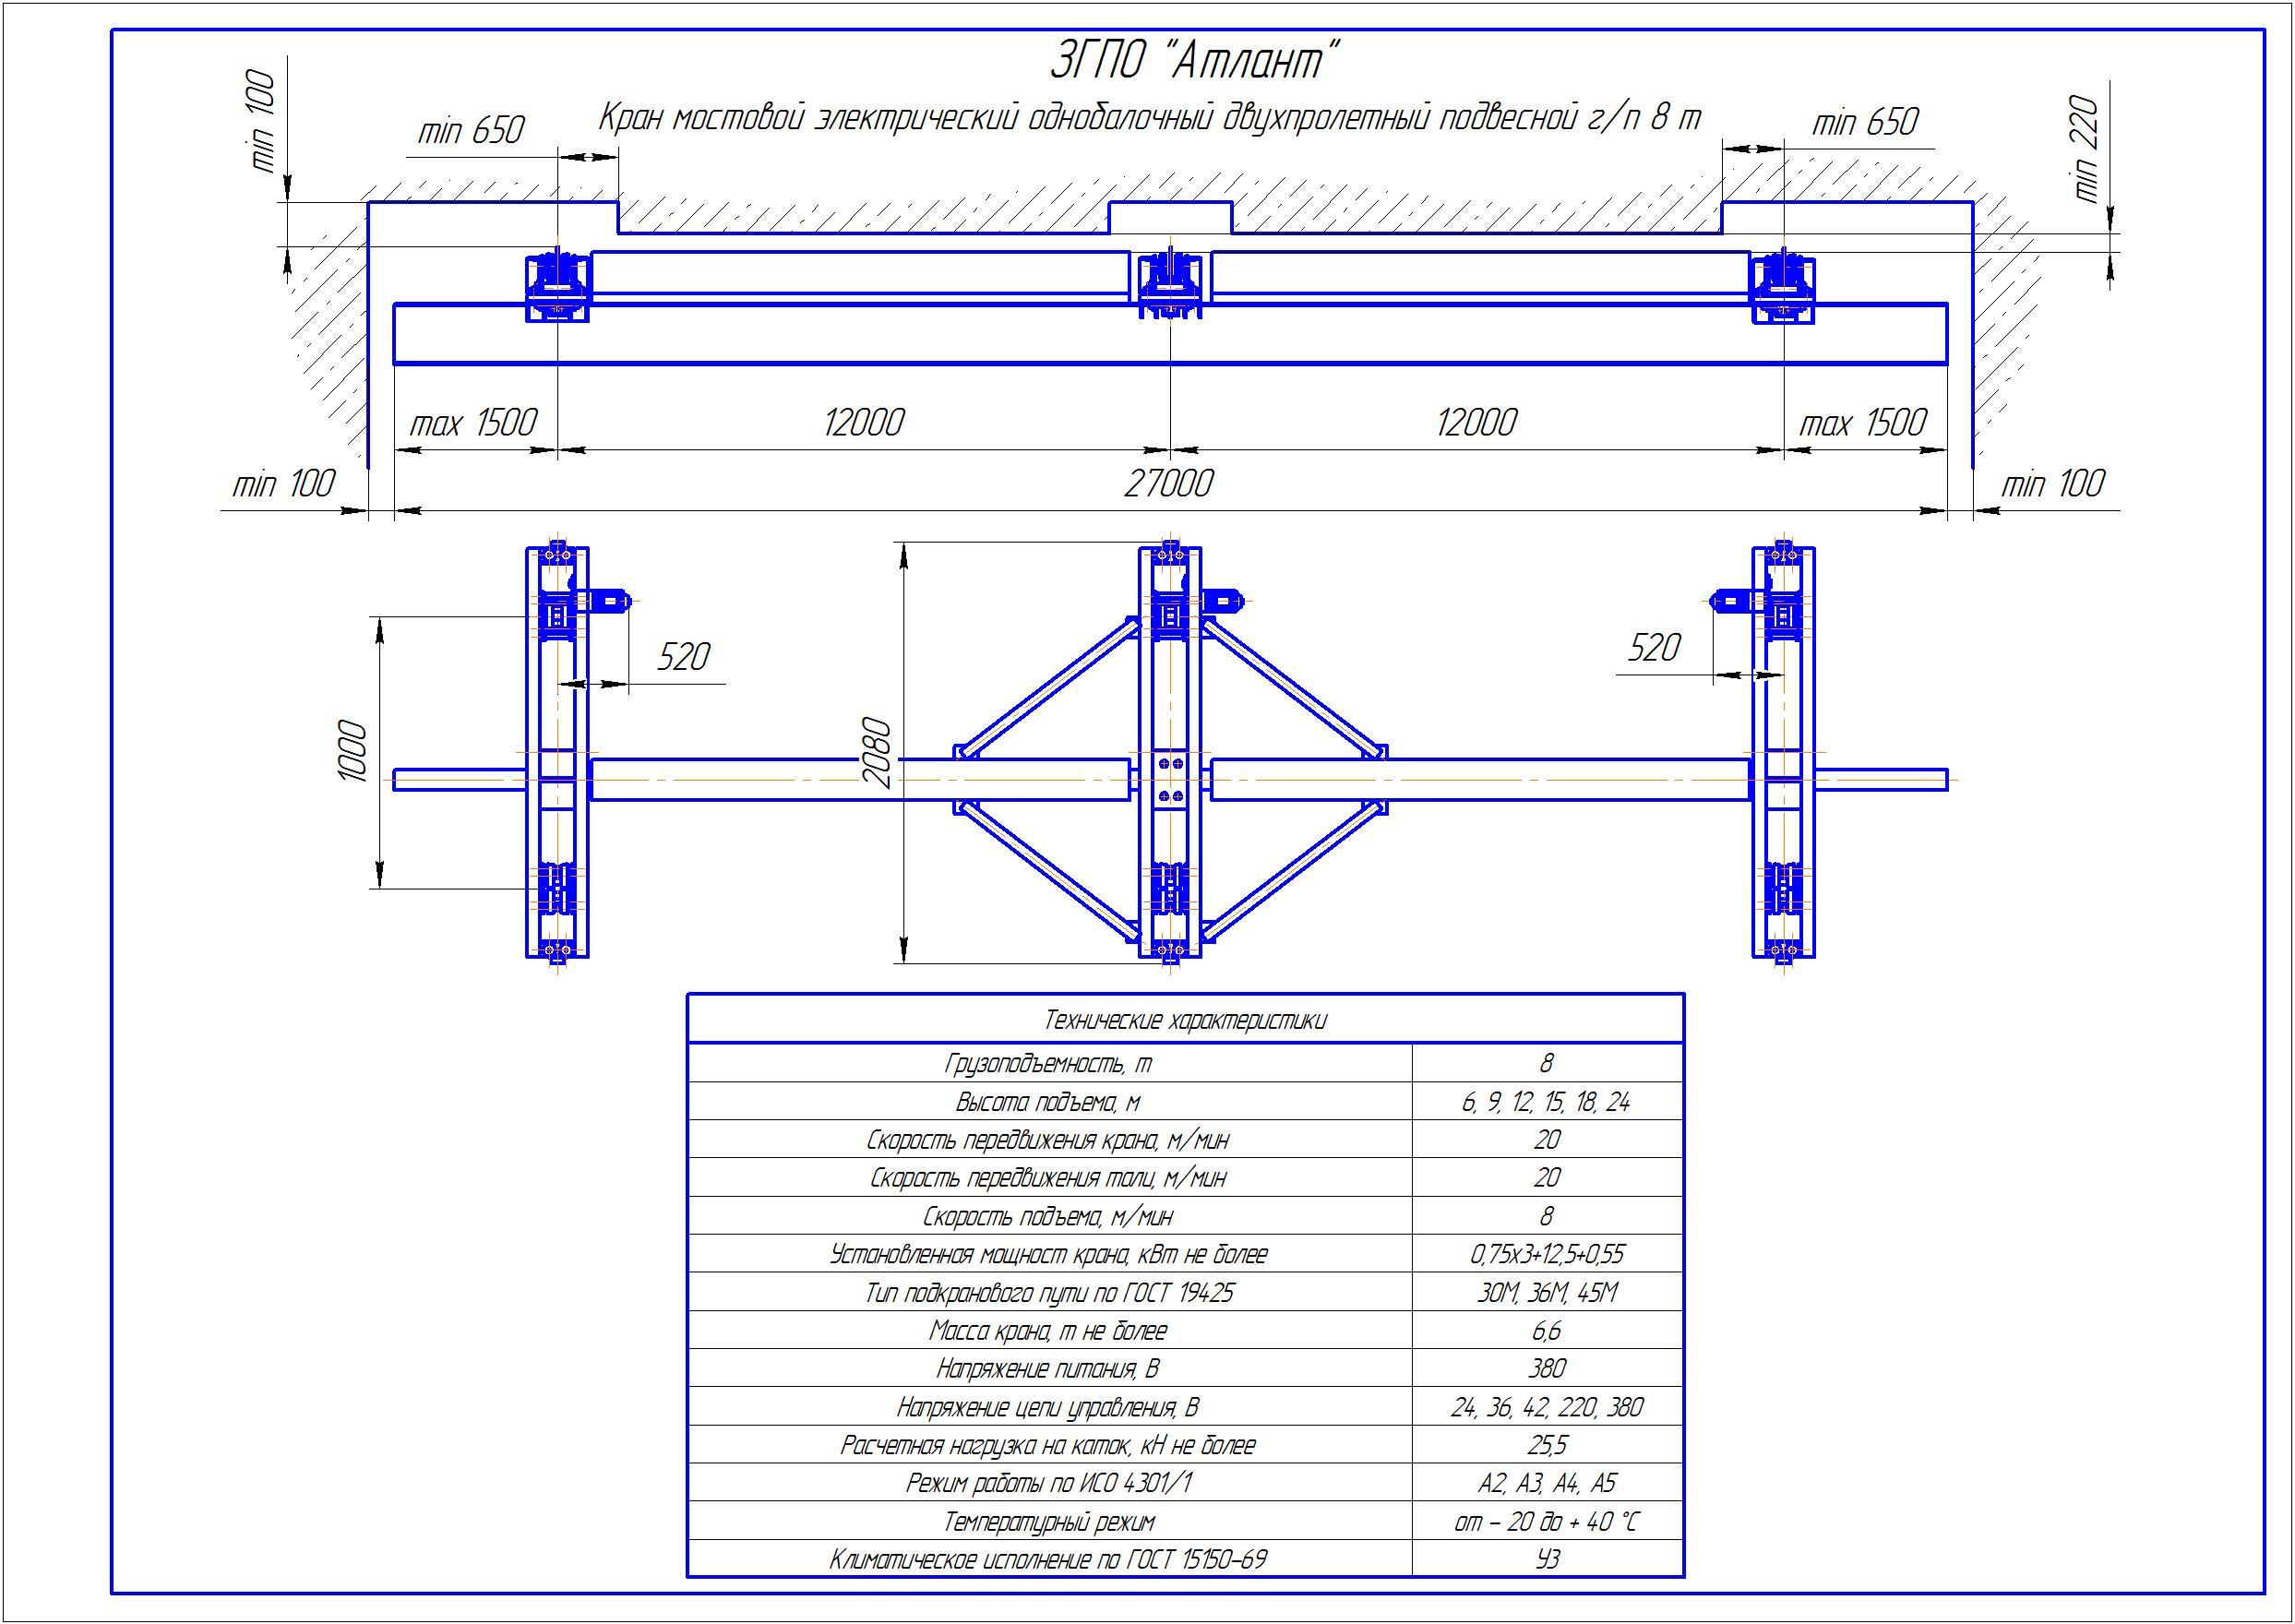 KBPD 6 4 - Подвесная кран балка двухпролетная